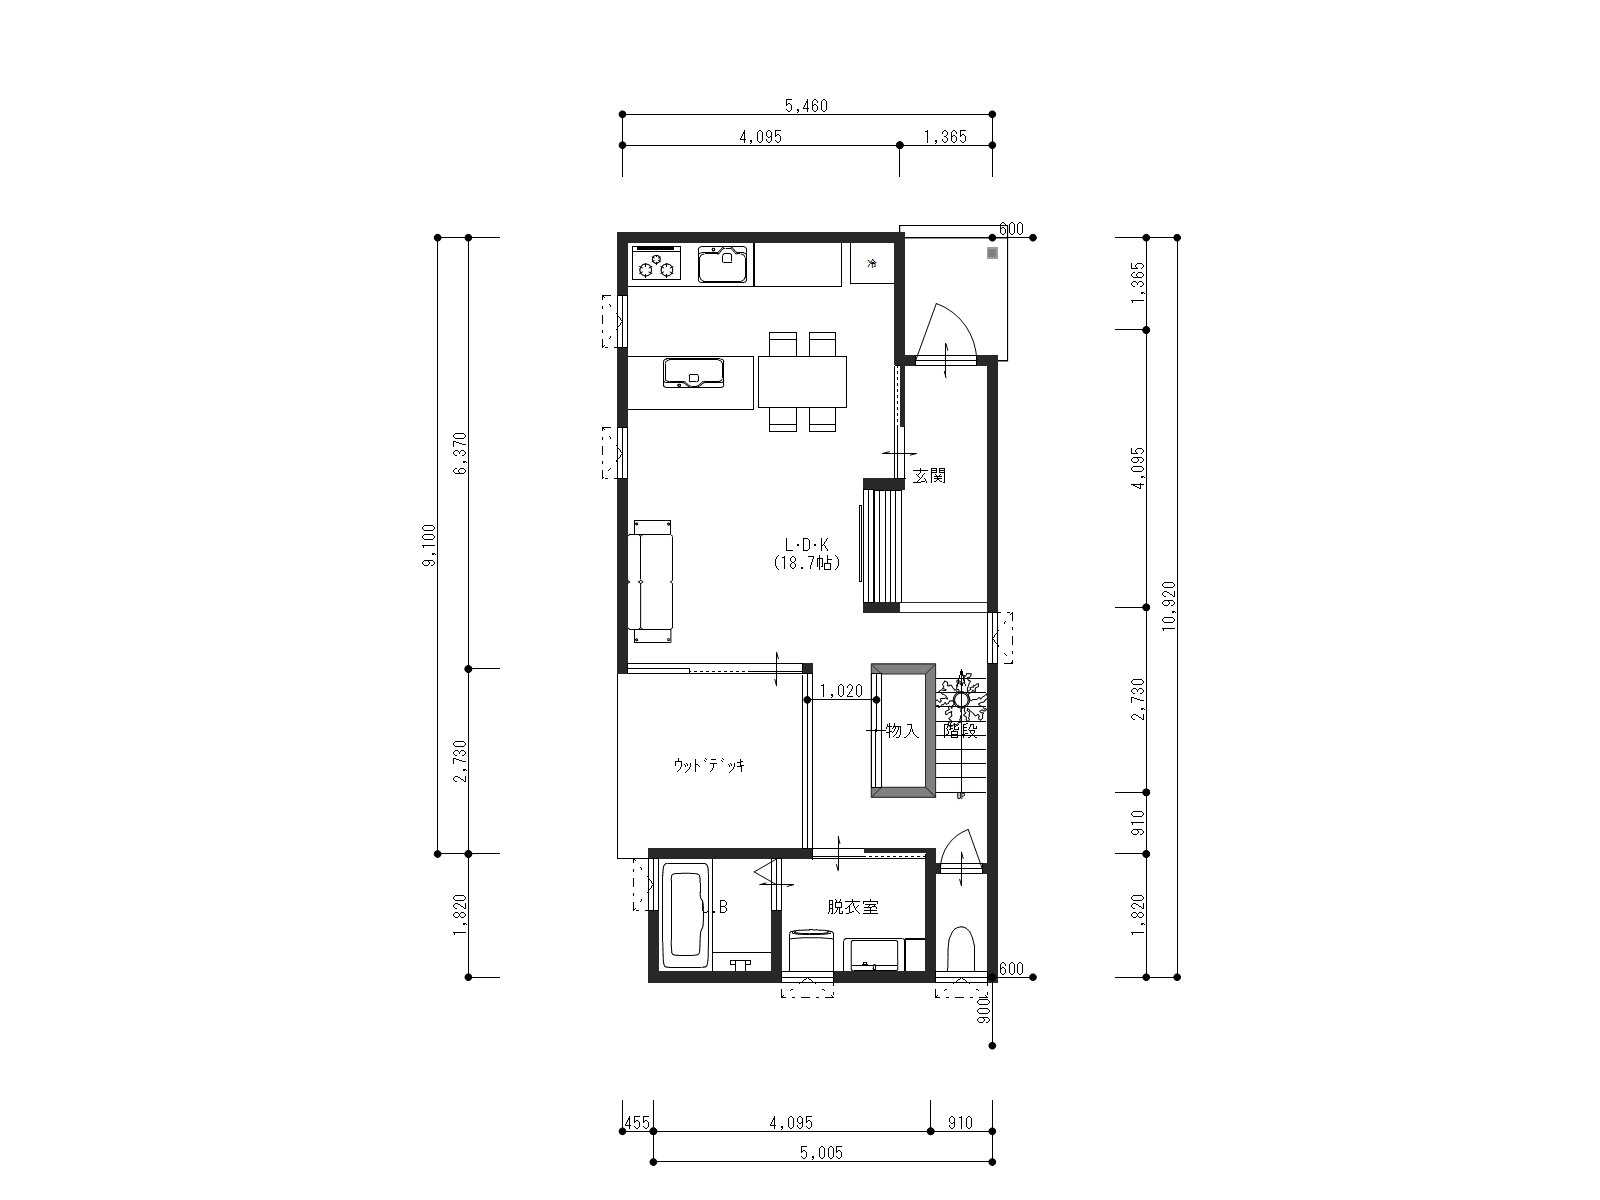 万能倉ガーデン2-1の1階間取り図